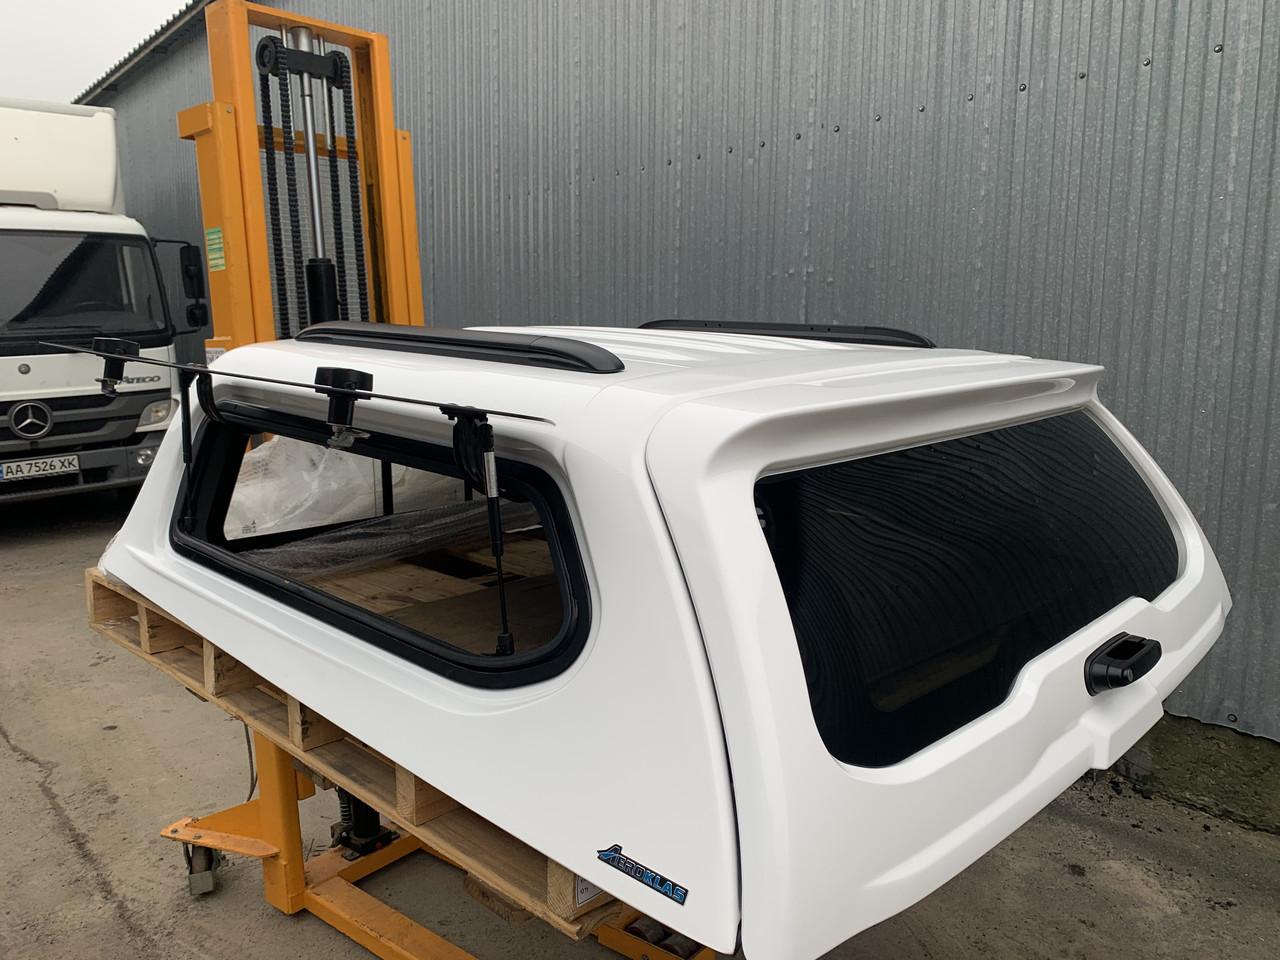 Кунг hardtop canopy Generation A для Mitsubishi L200 2019 + ( стекла вверх )